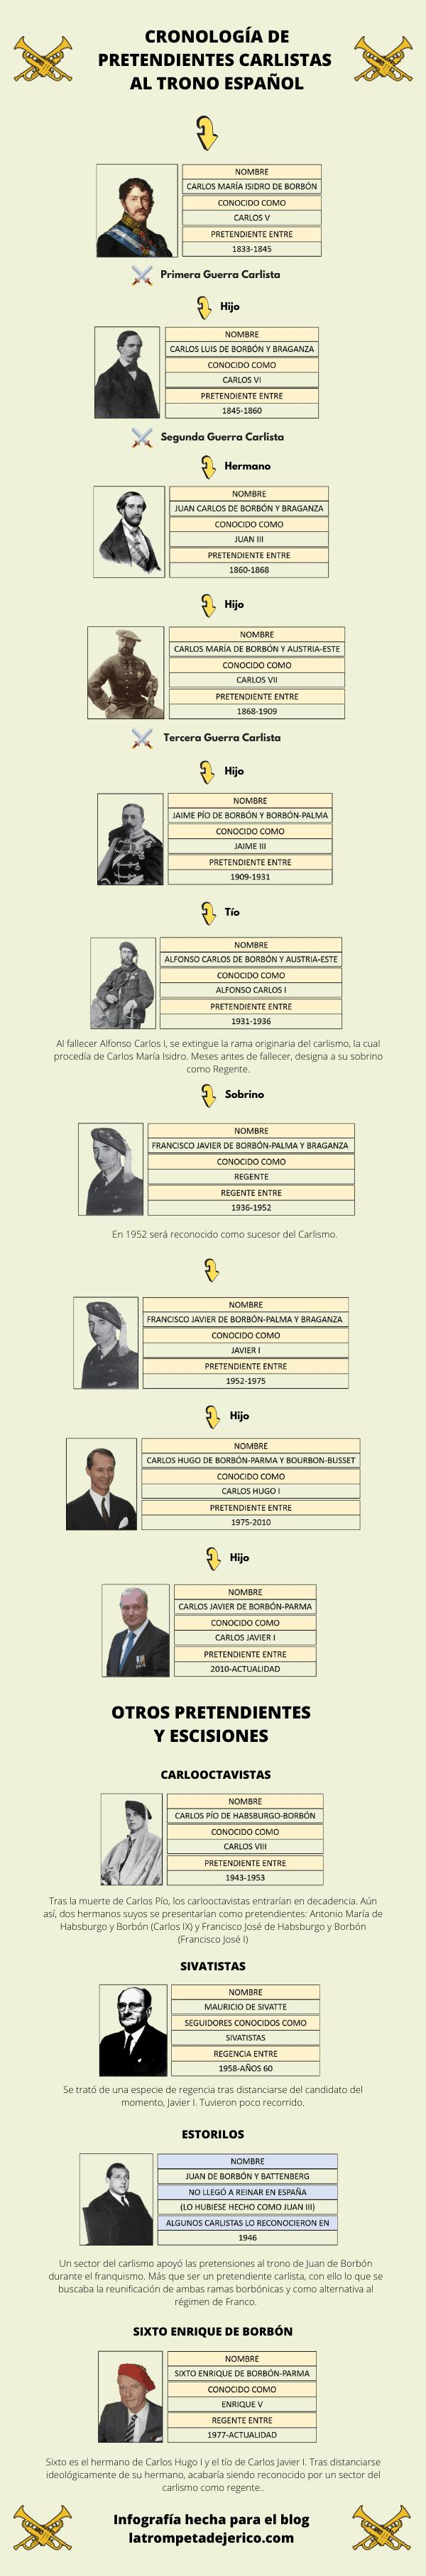 cronologia pretendientes carlistas